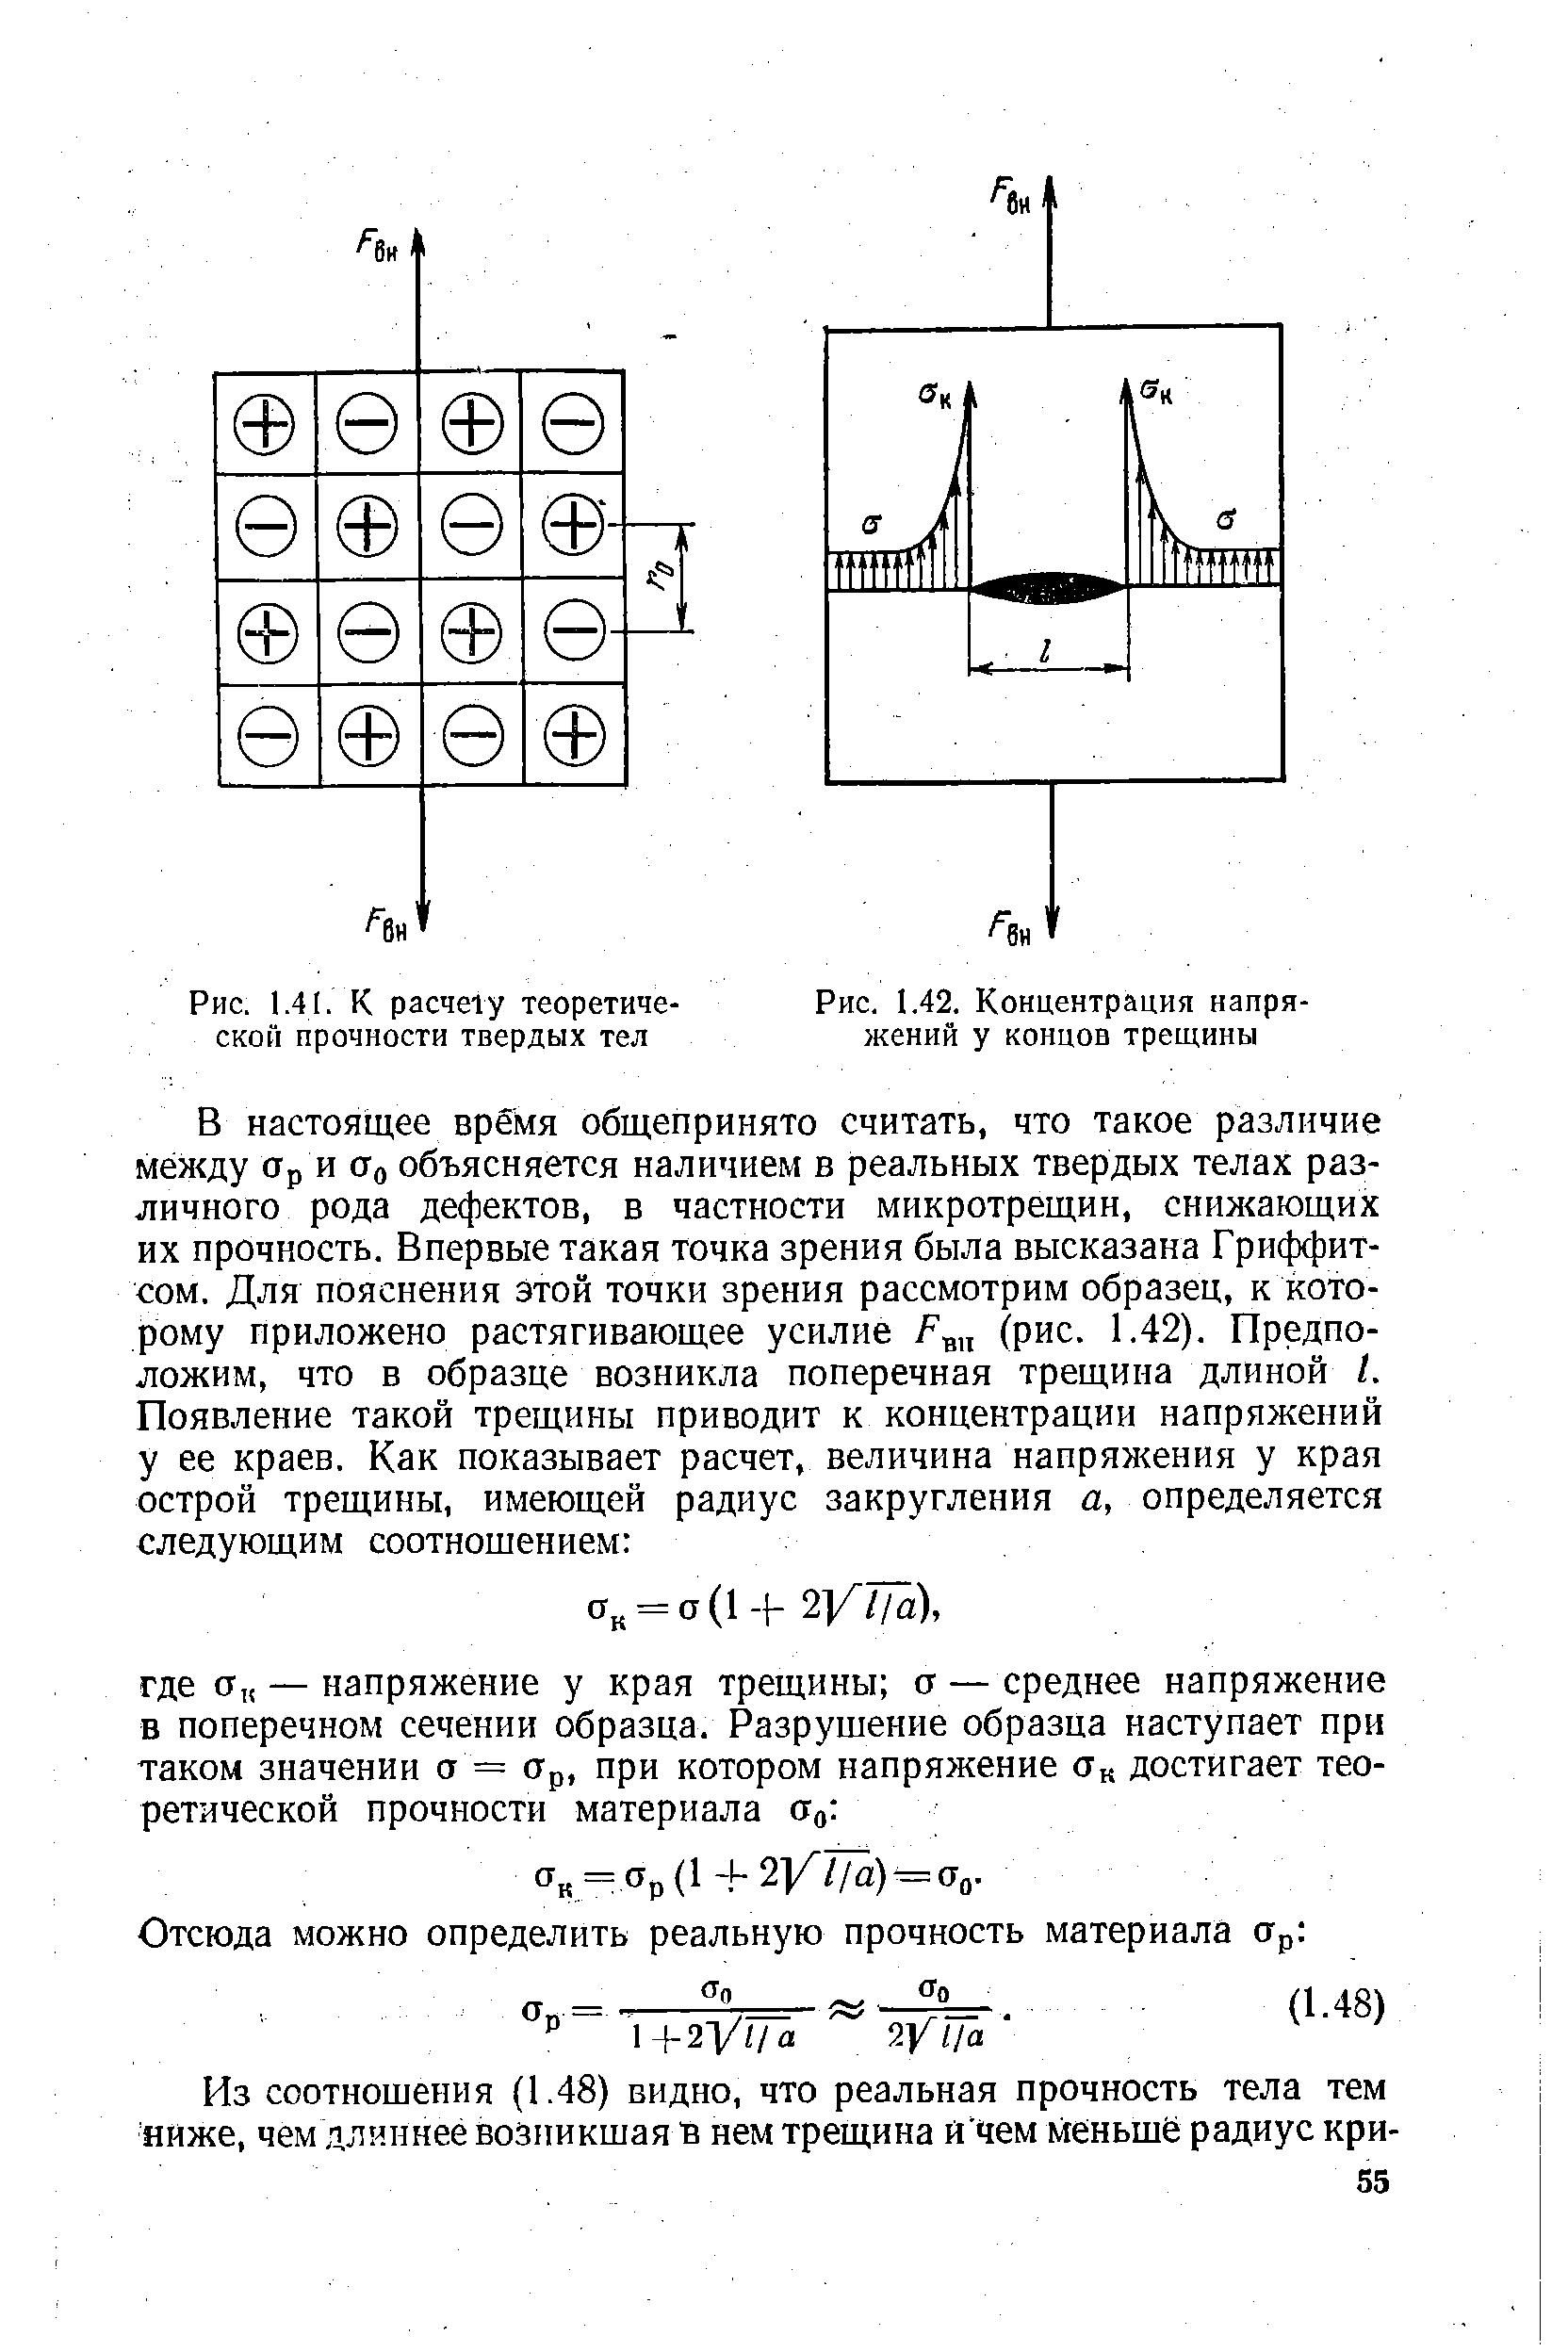 Конструкционная прочность материалов